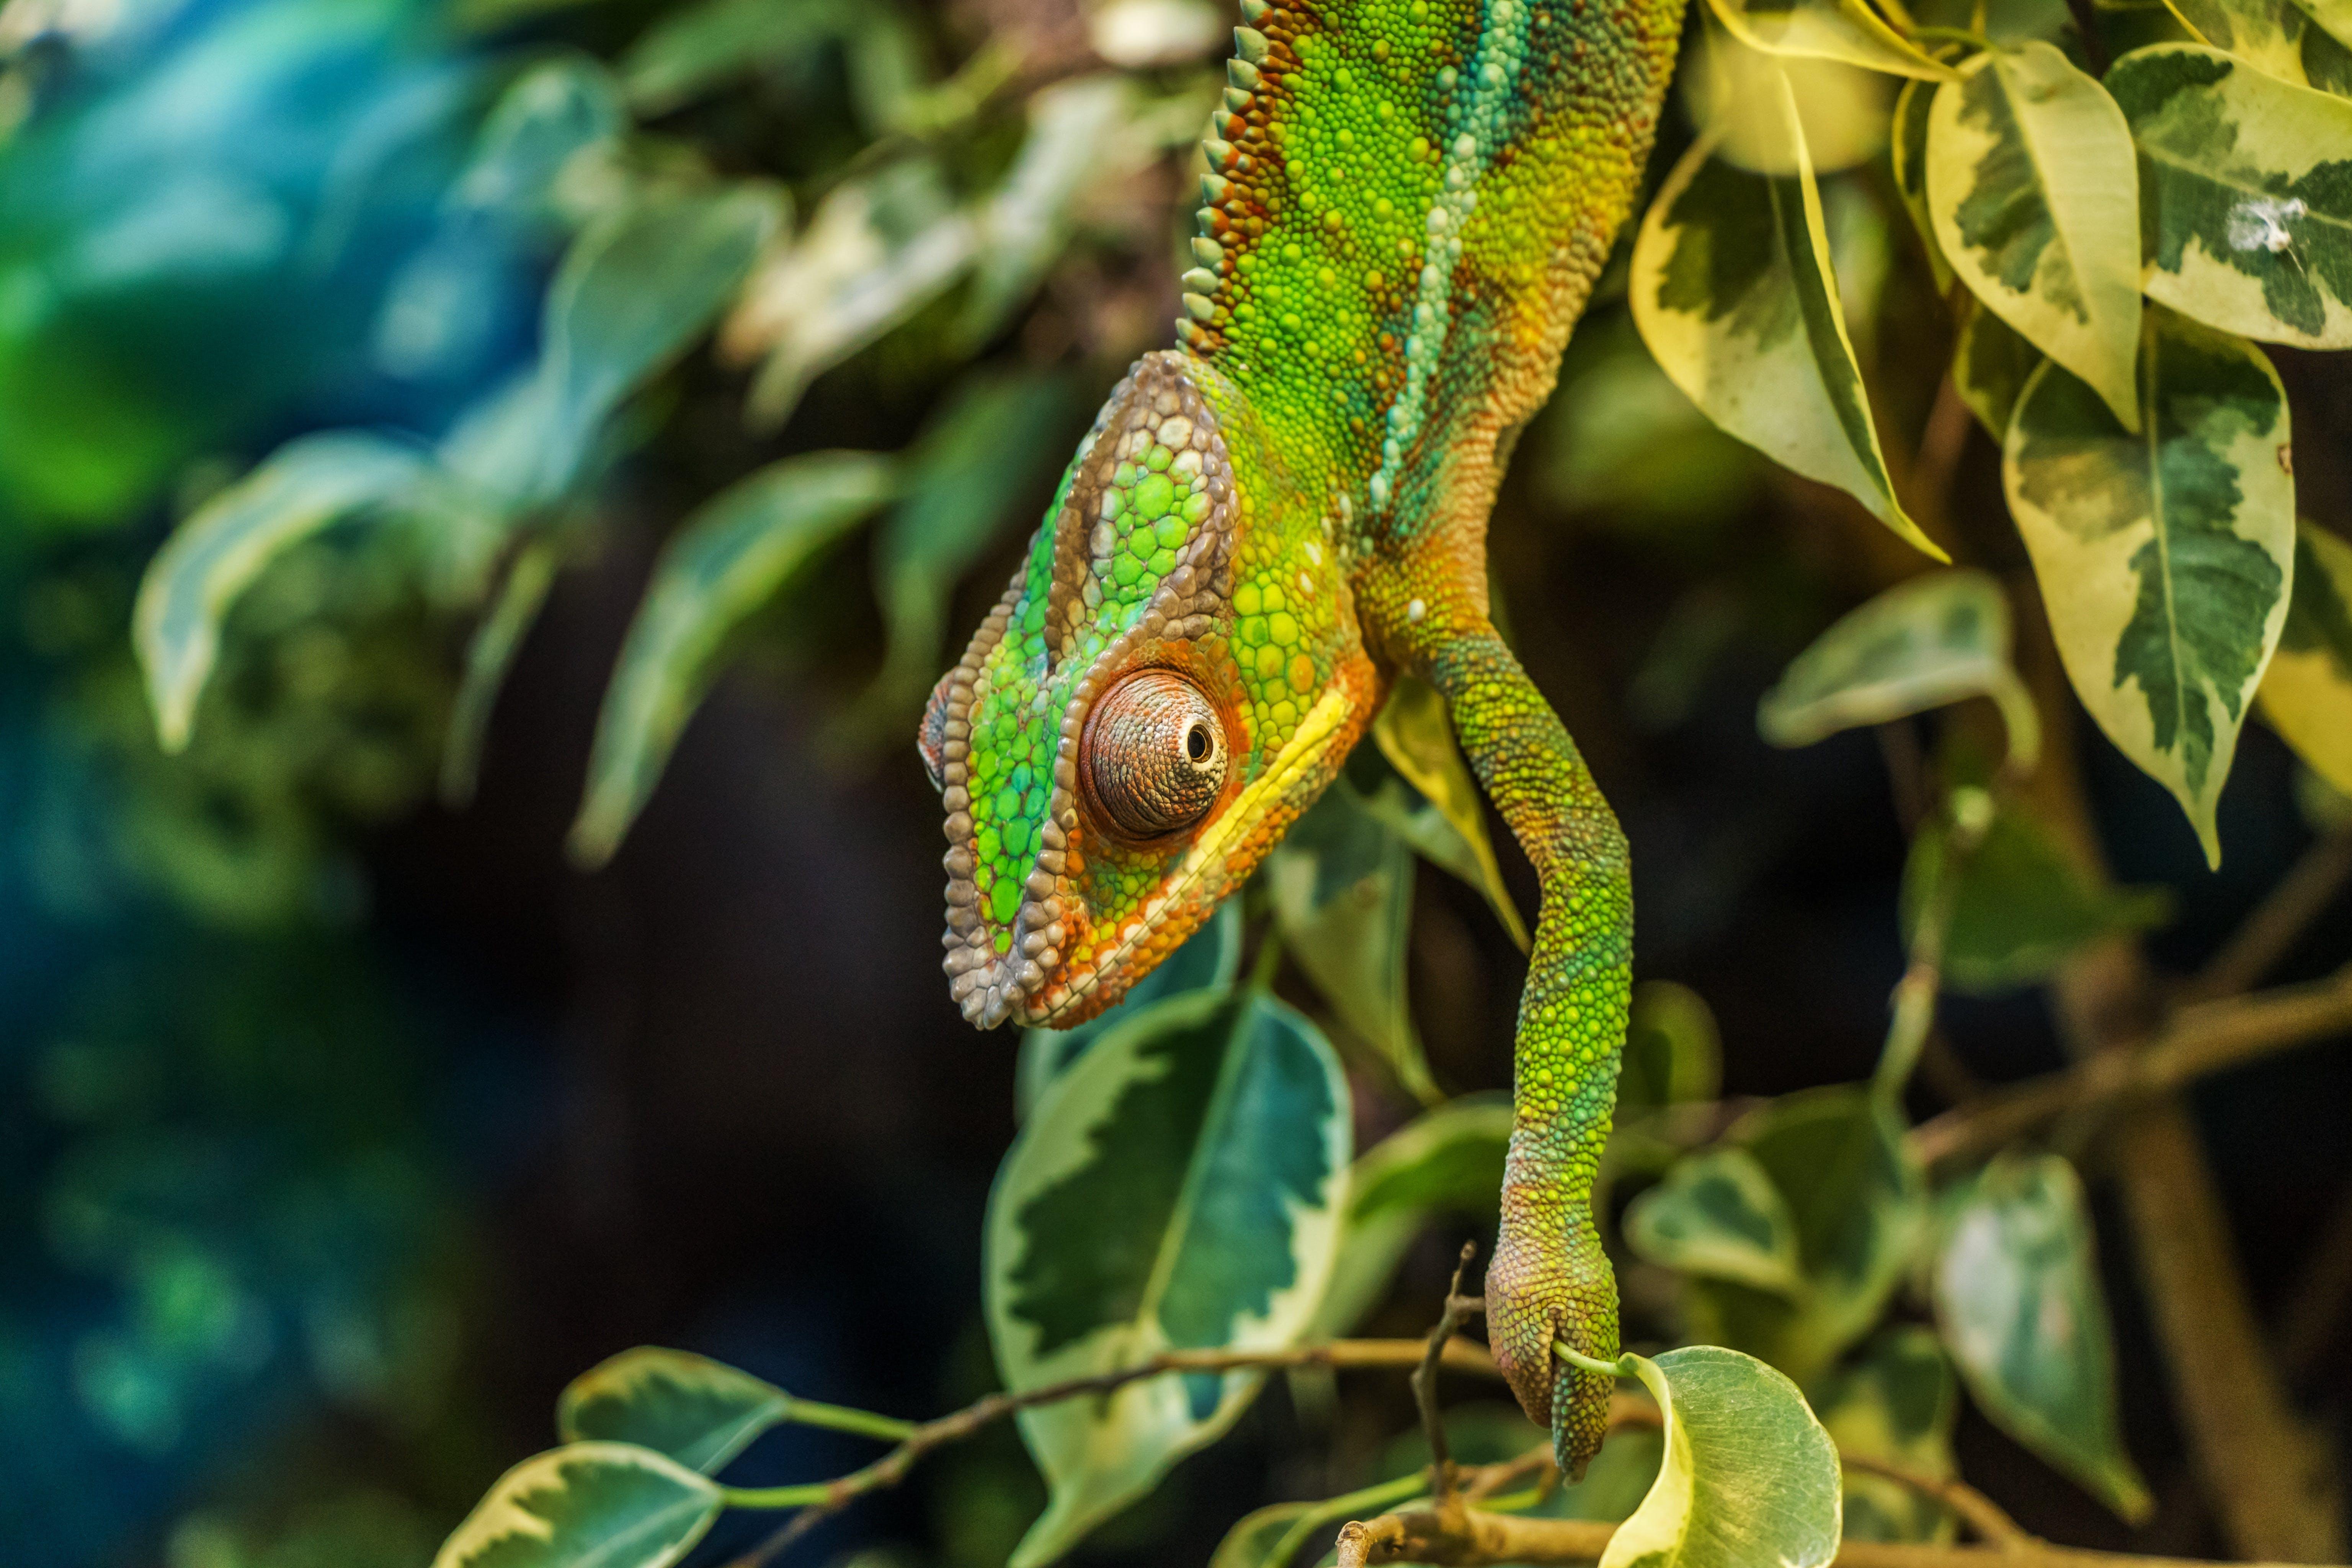 Green Chameleon on Green Leaved Tree